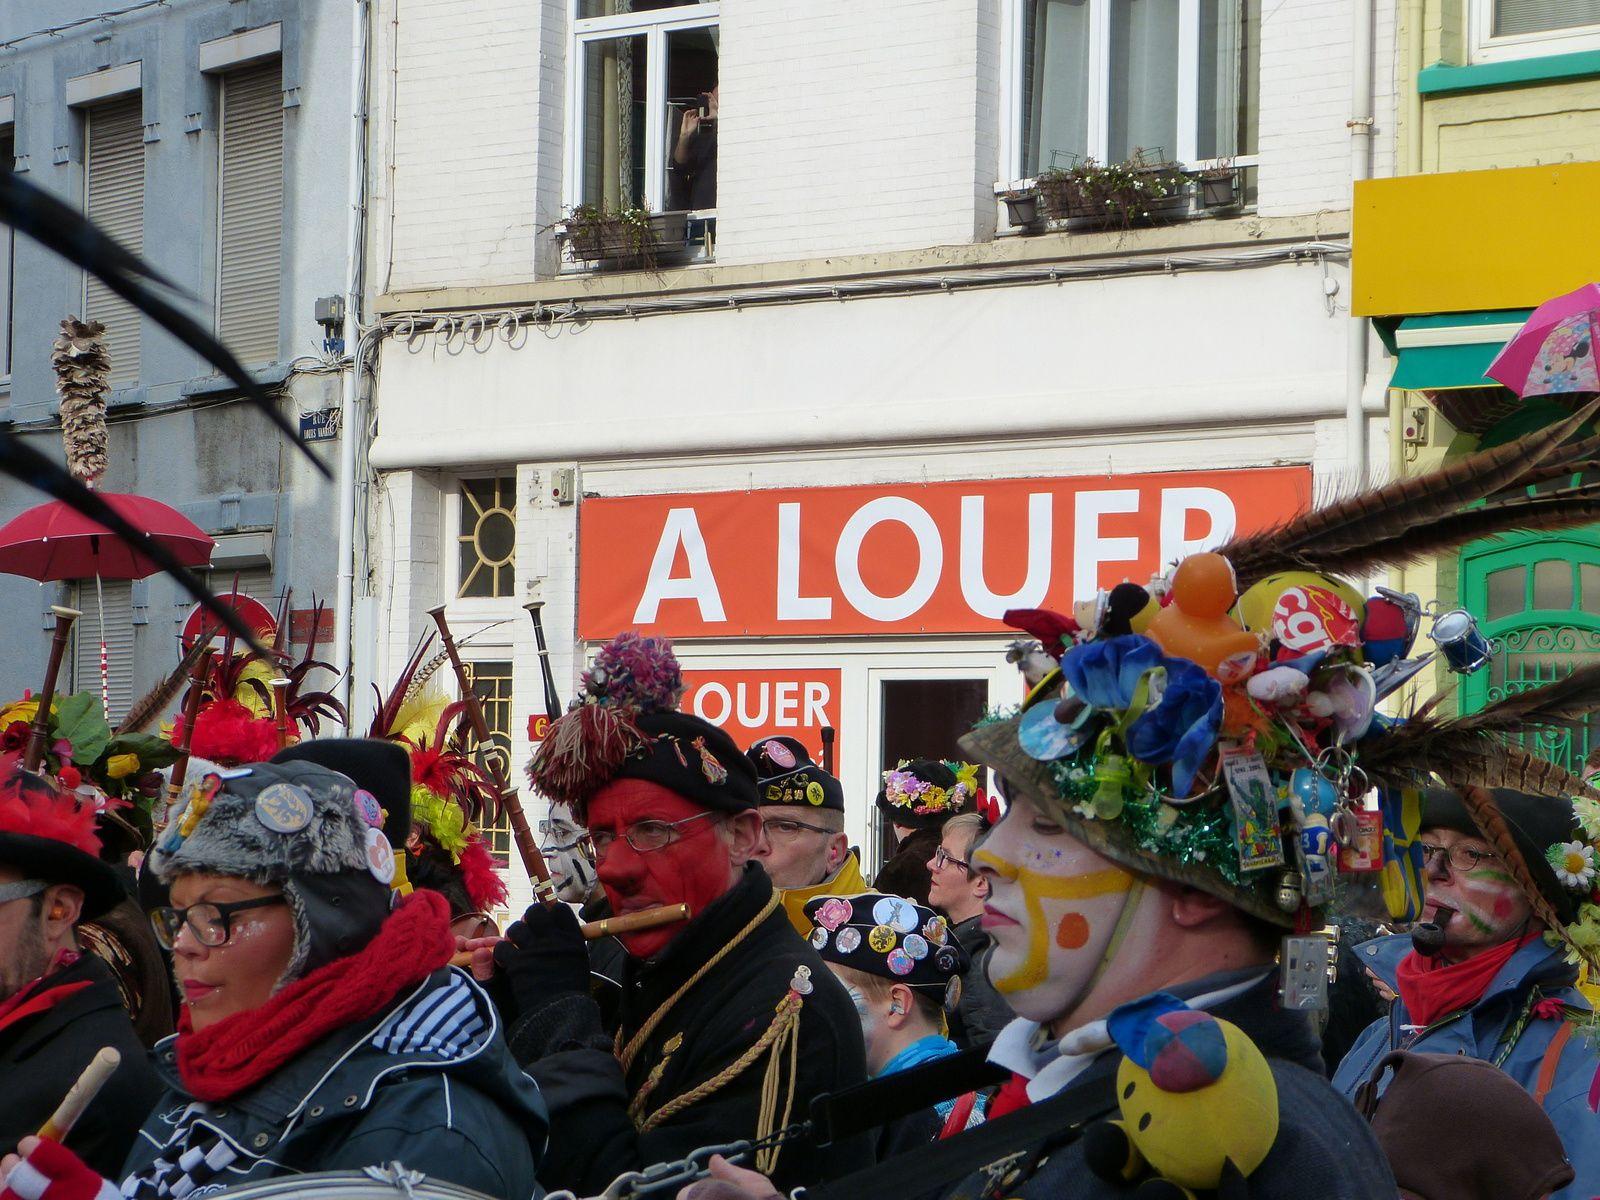 MERCI à marianne,francoise,nicole,joceline,marion,julien et à tous ces dunkerquois anonymes de malo pour ces purs instants de bonheur partagé ce dimanche 14 février 2016 à l'occasion de carnaval de Dunkerque....